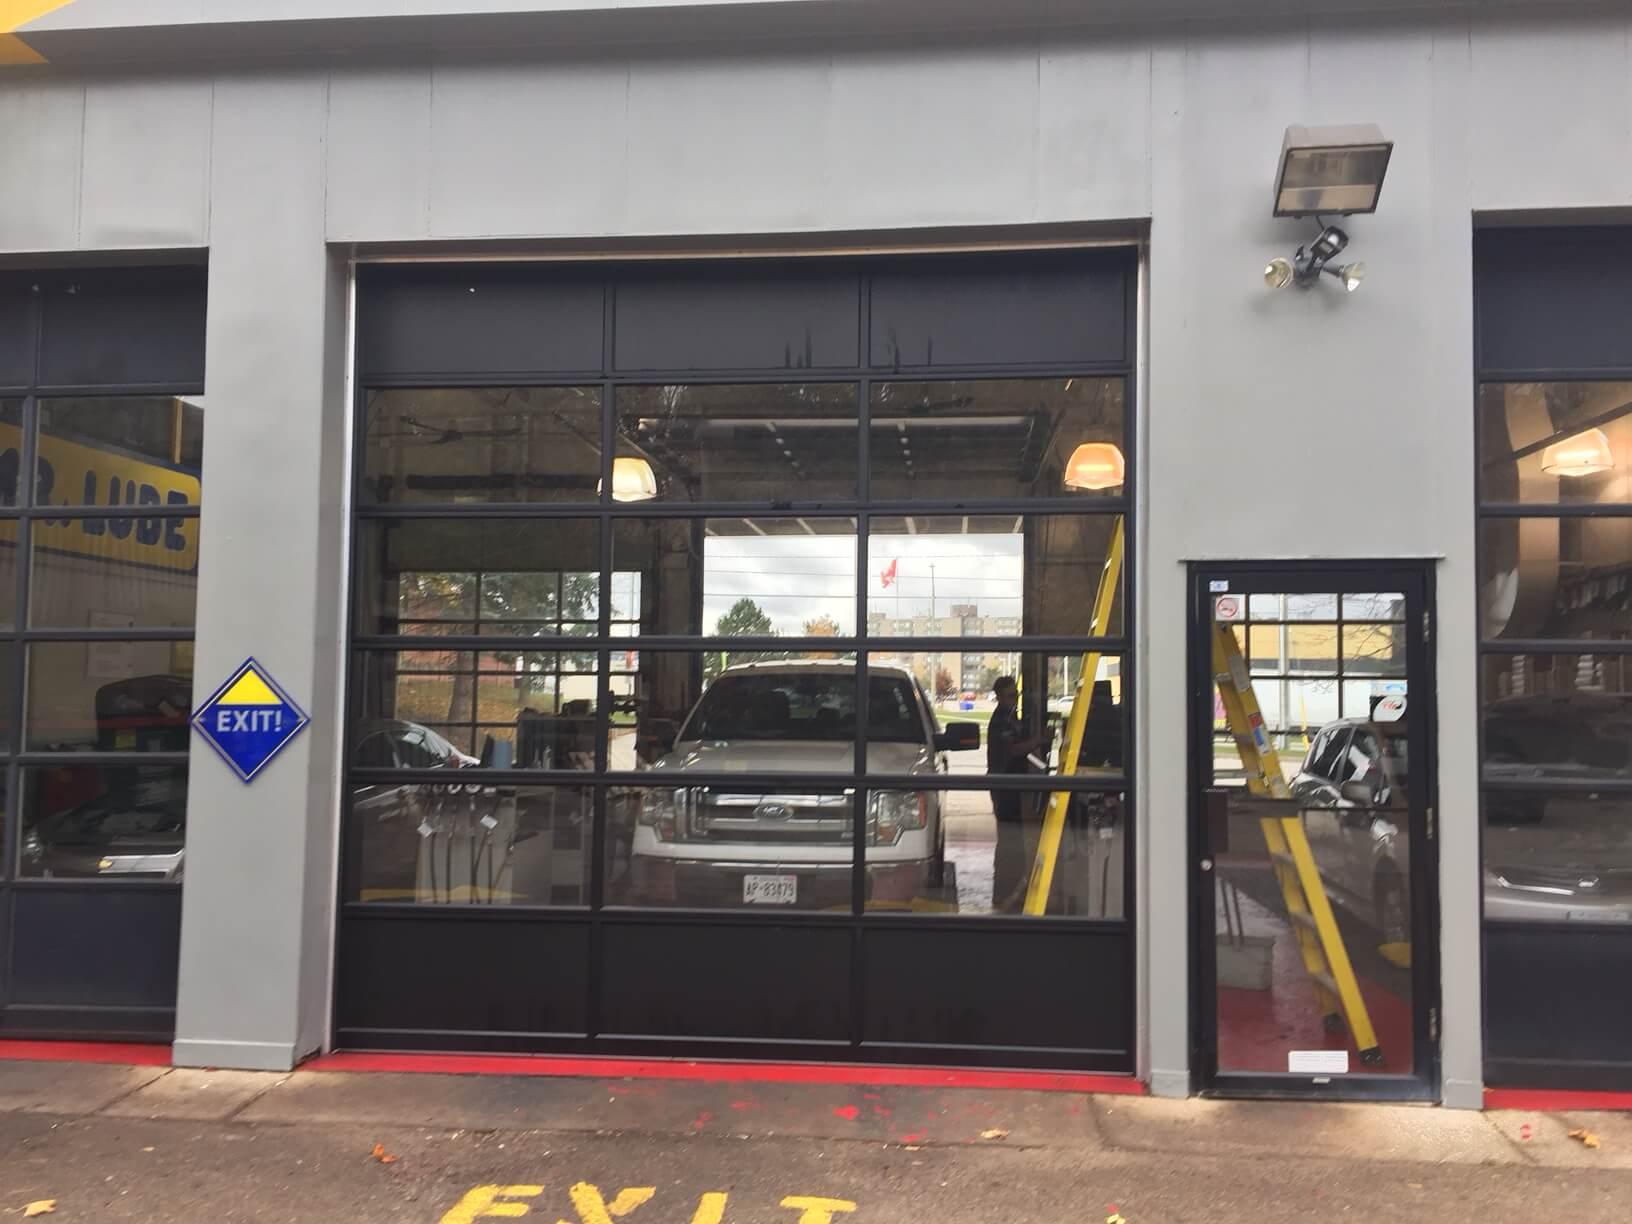 Commercial And Industrial Overhead Garage Doors Haws Ontario